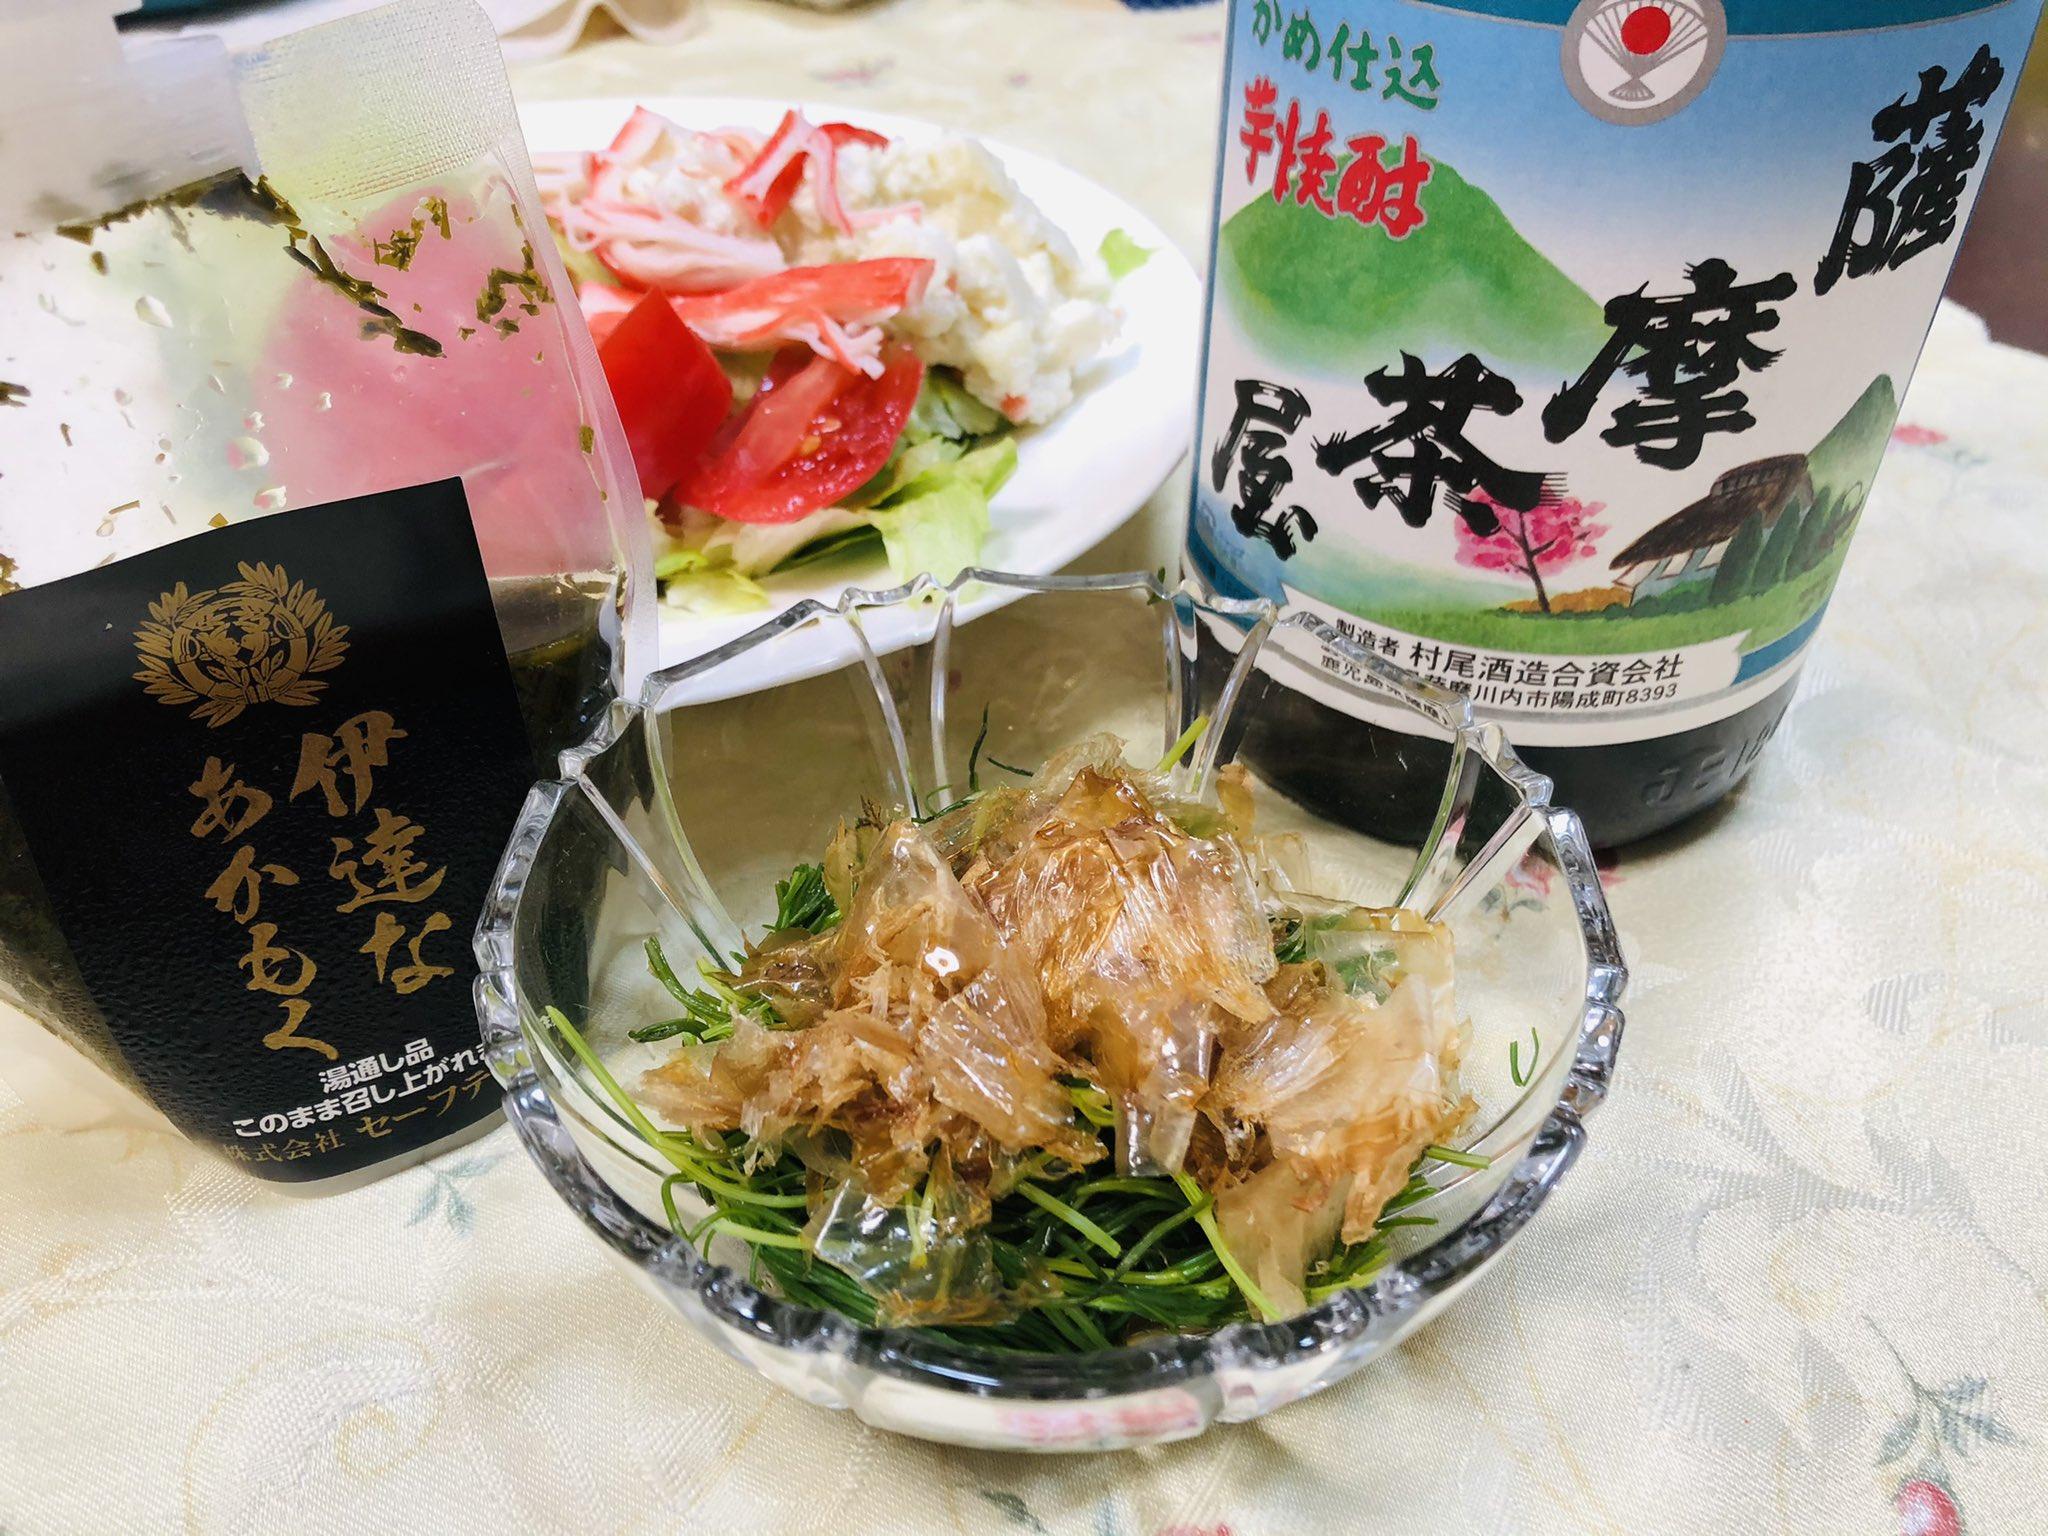 薩摩茶屋 芋焼酎 晩酌